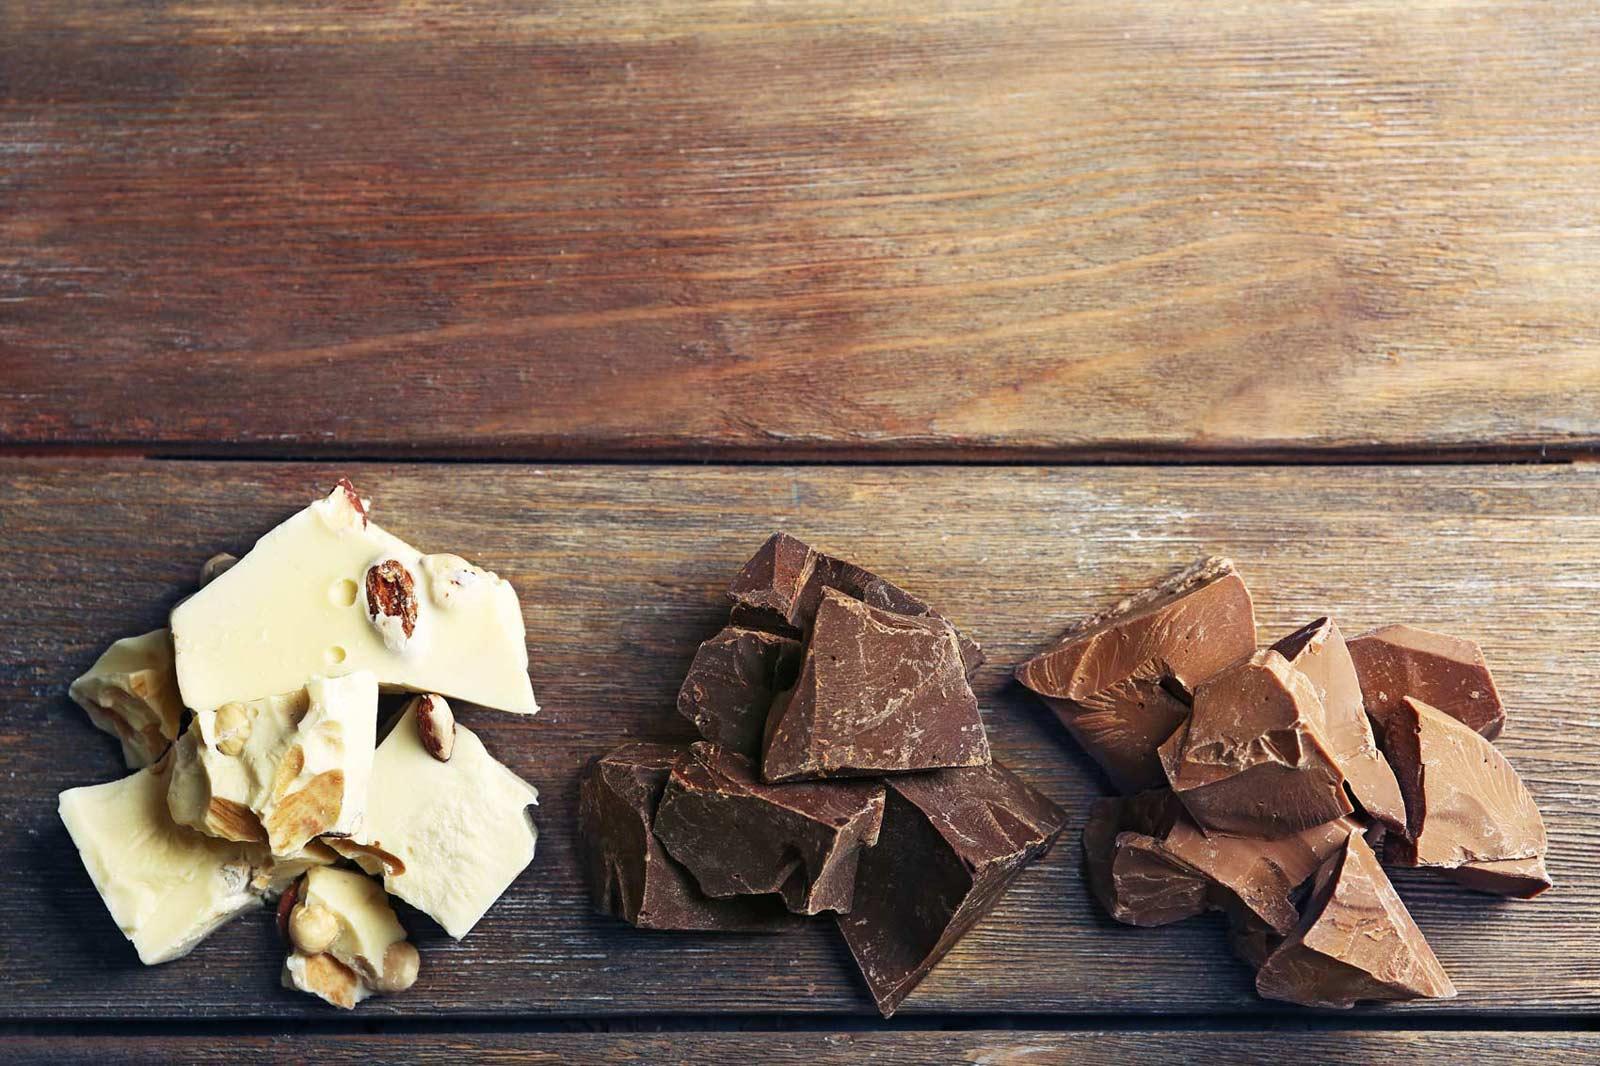 La mejor forma de conservar chocolate